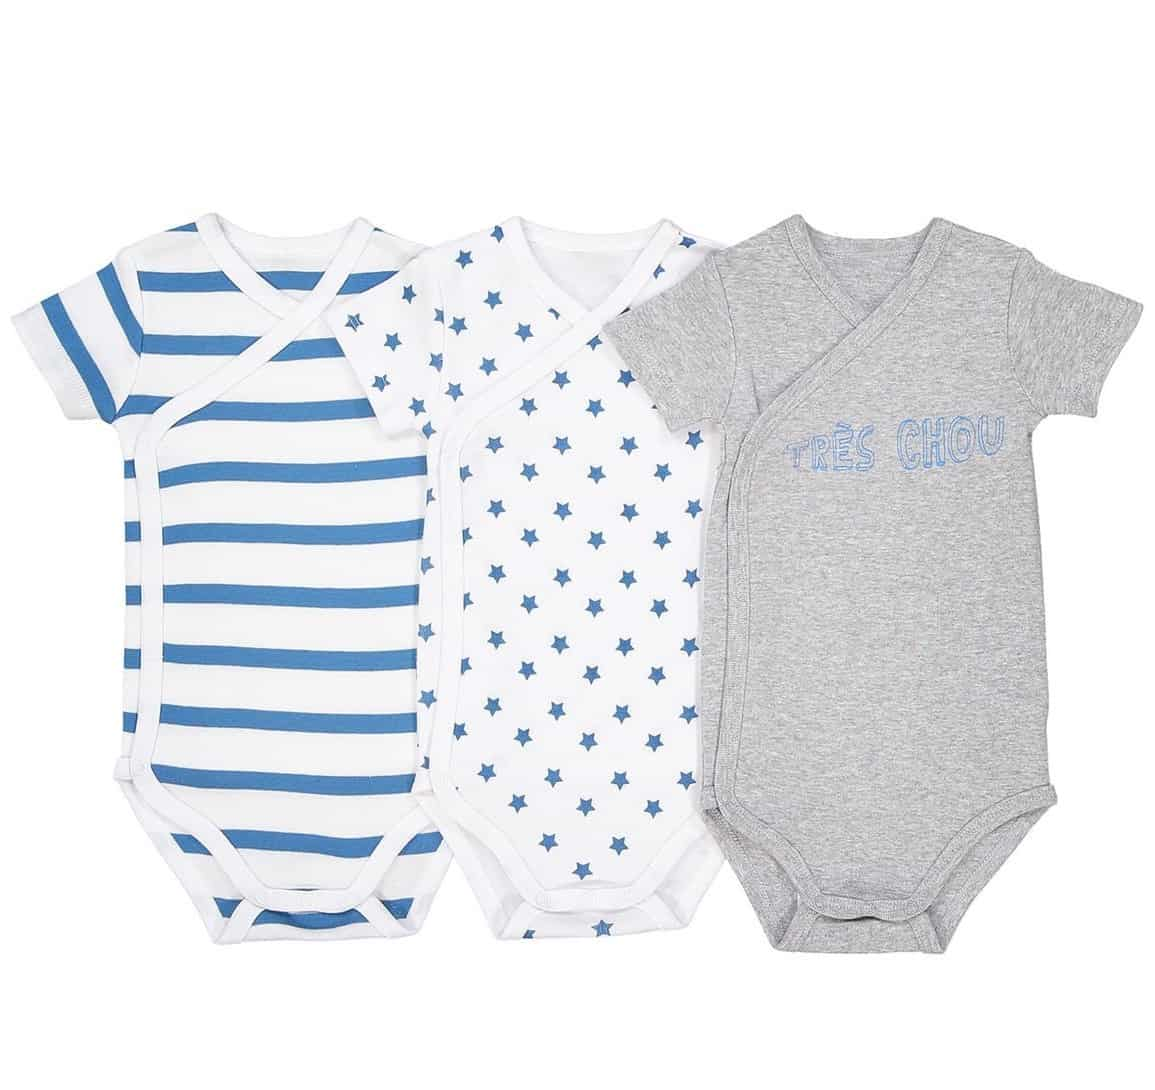 valise-maternite-acheter-naissance